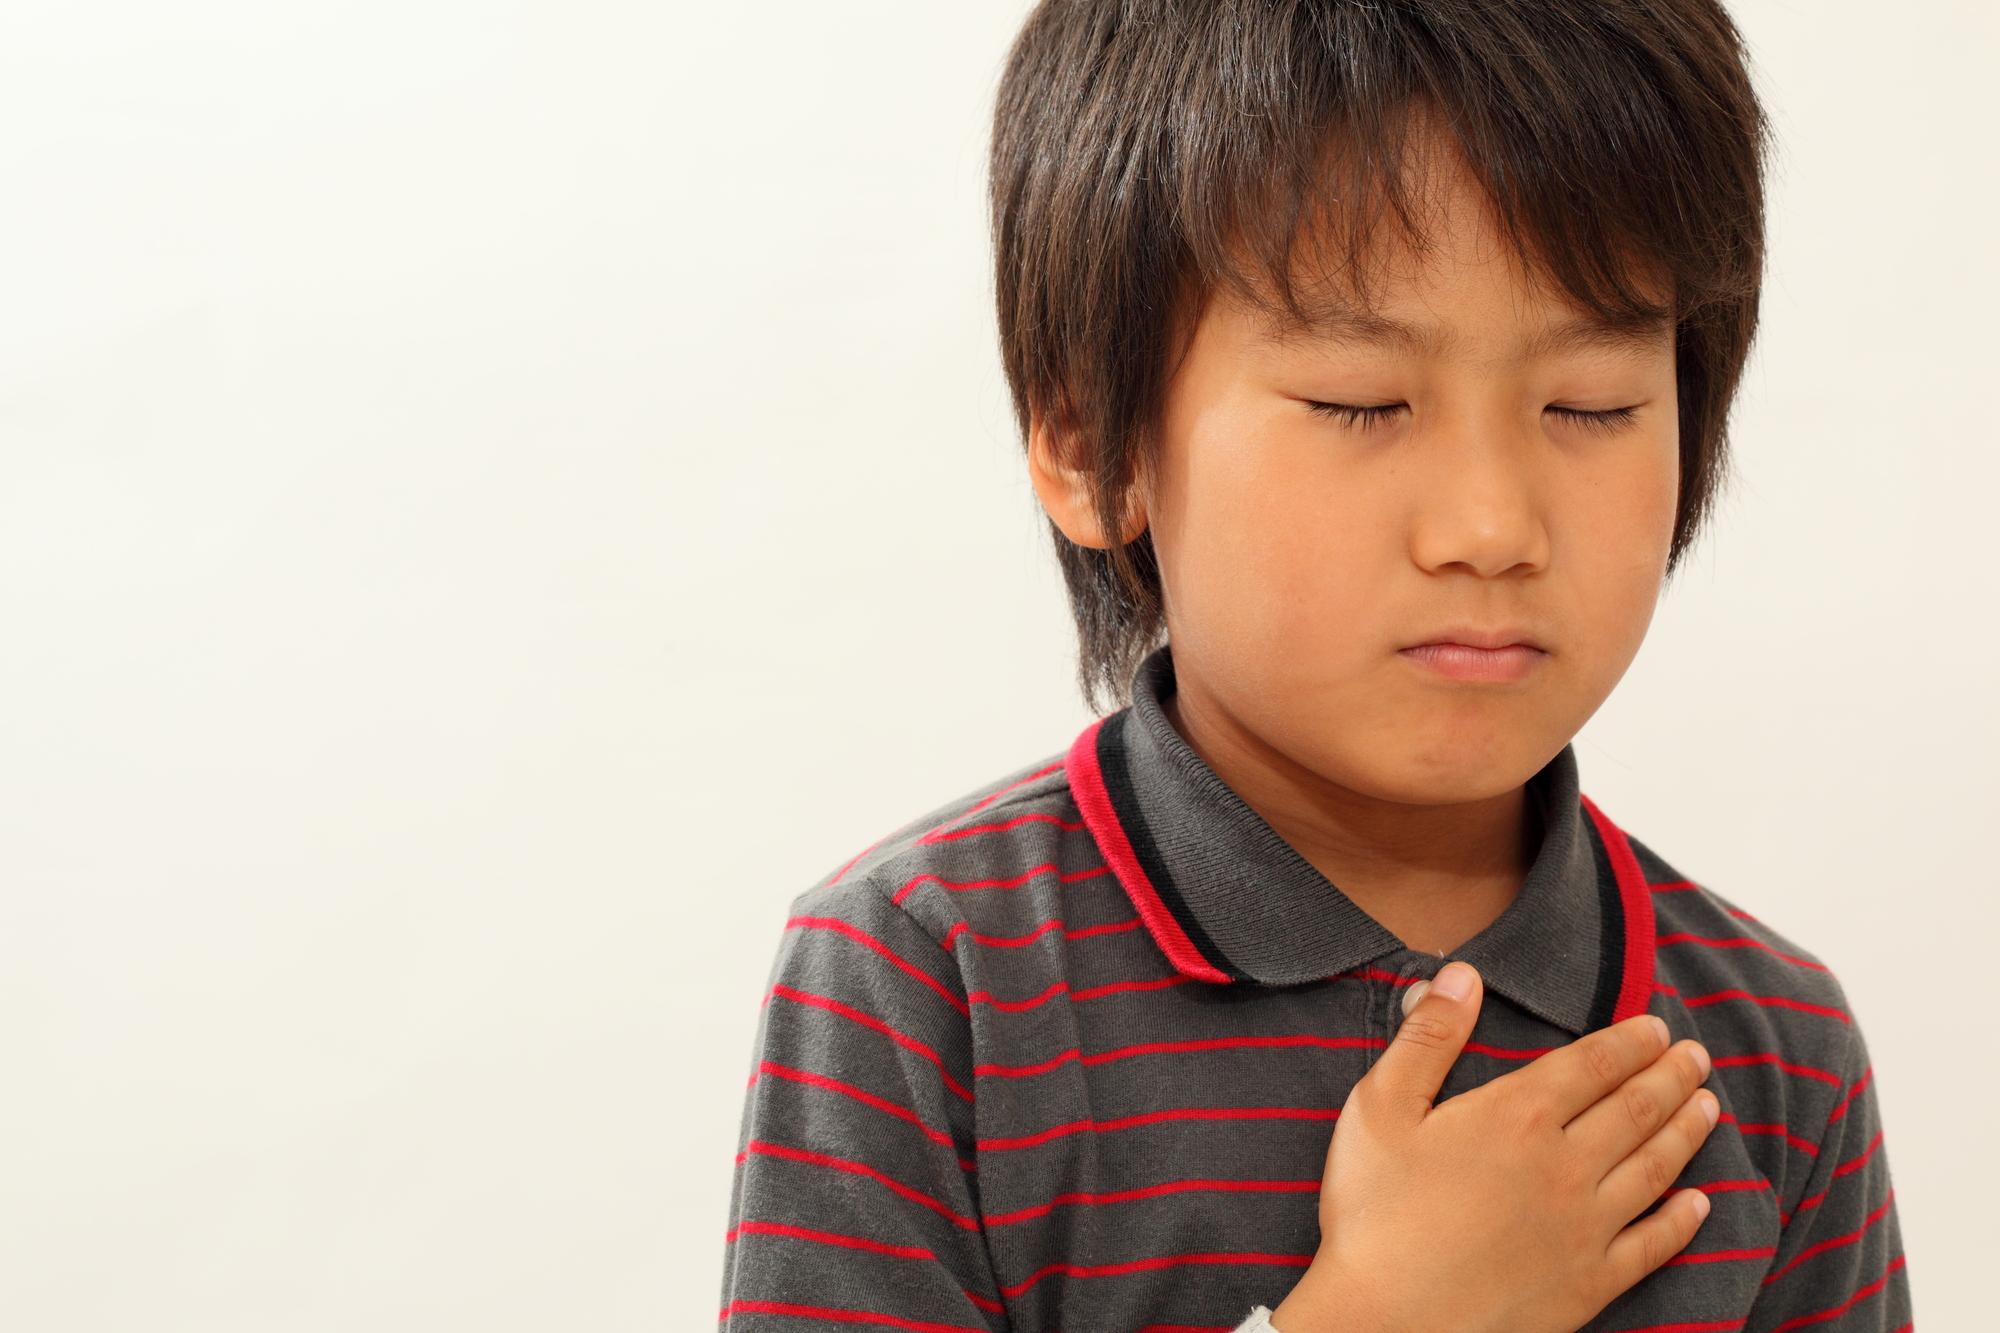 子どもの「胸が痛い」